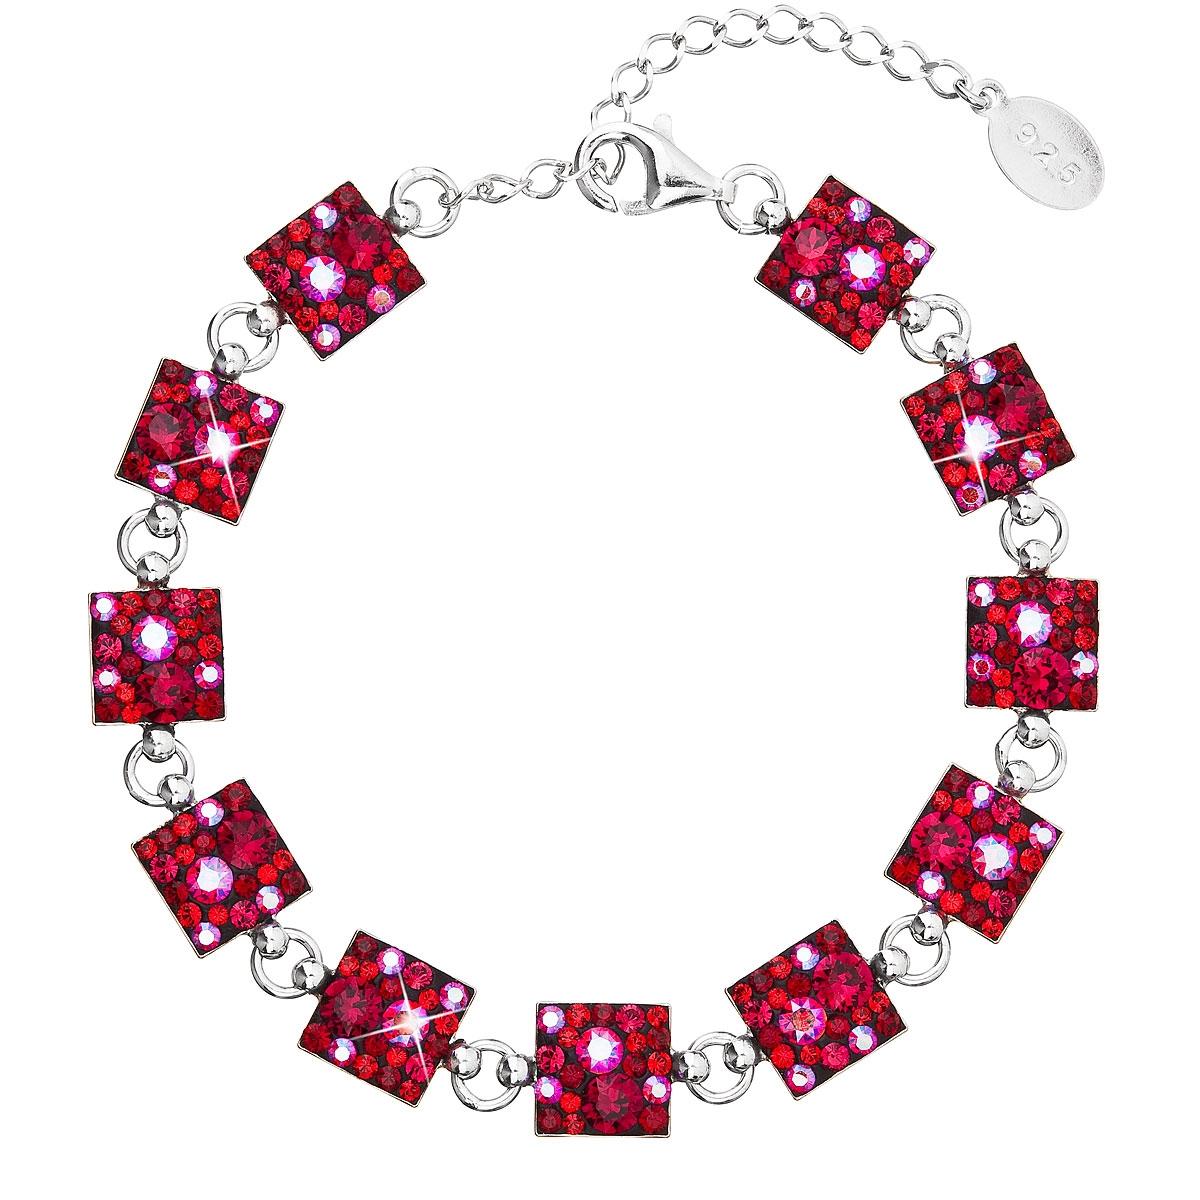 Strieborný náramok s kryštálmi Crystals from Swarovski ® Cherry